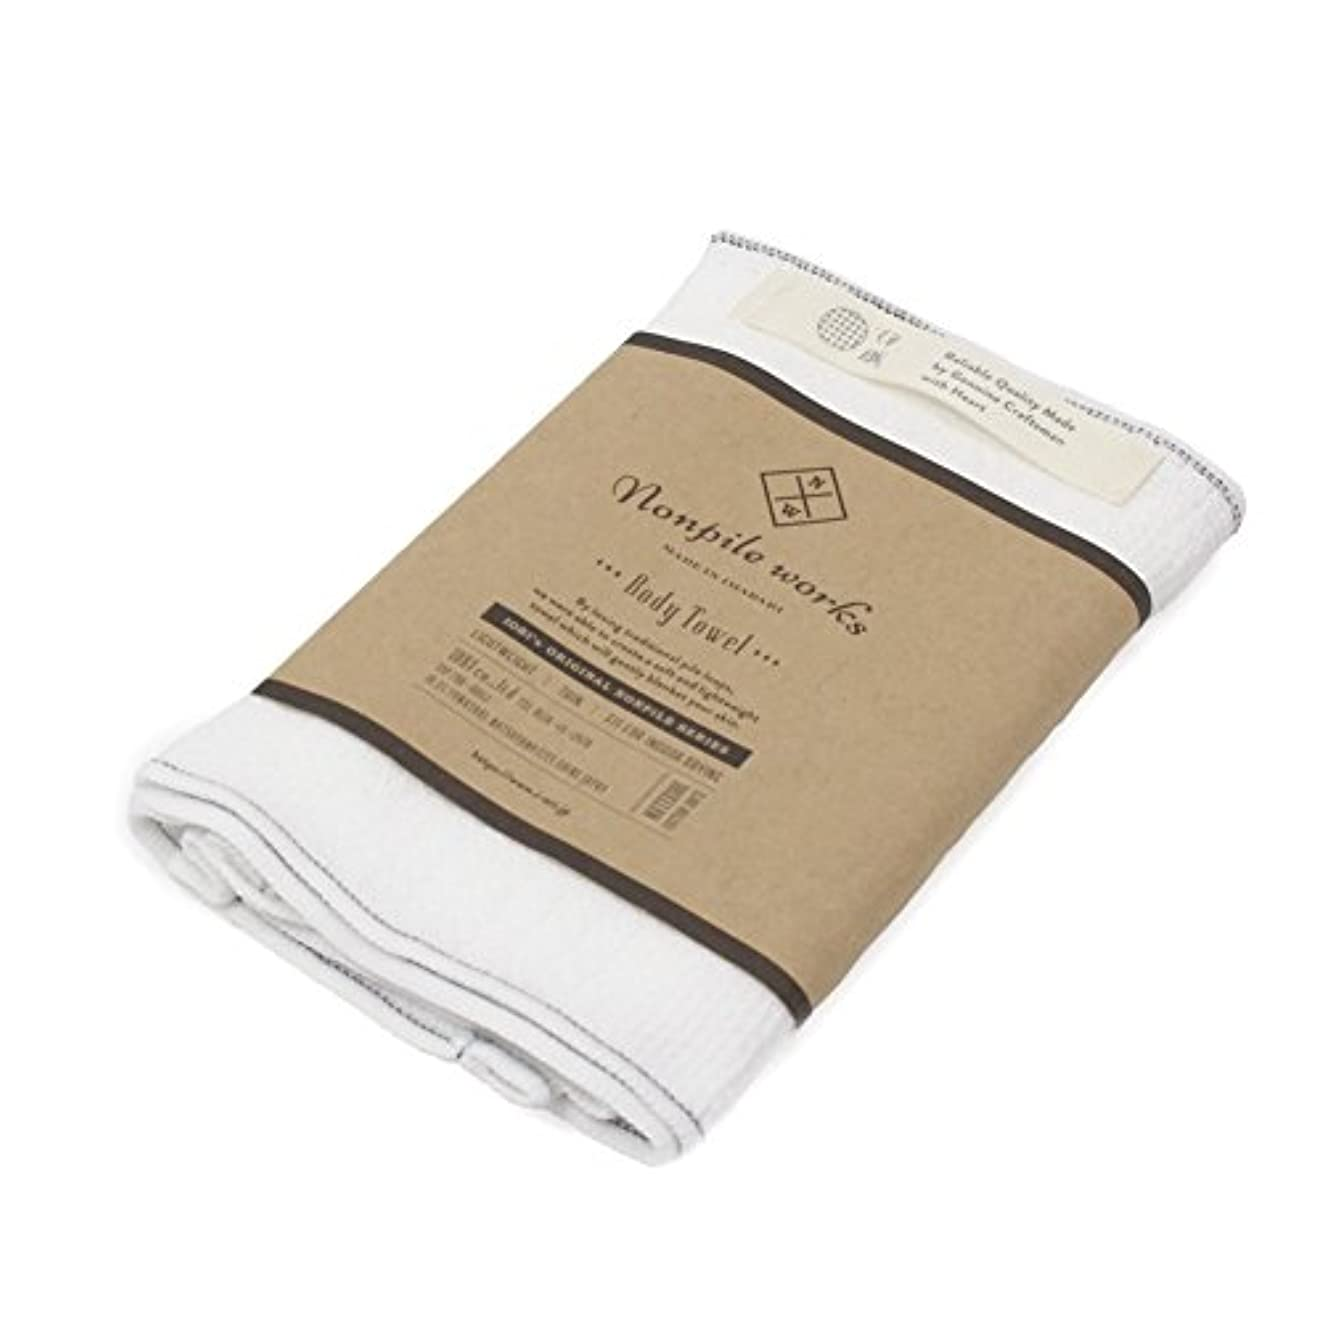 ライン男やもめマントル今治産 ボディタオル 16x85cm nonpile works Body Towel 伊織 (ホワイト)